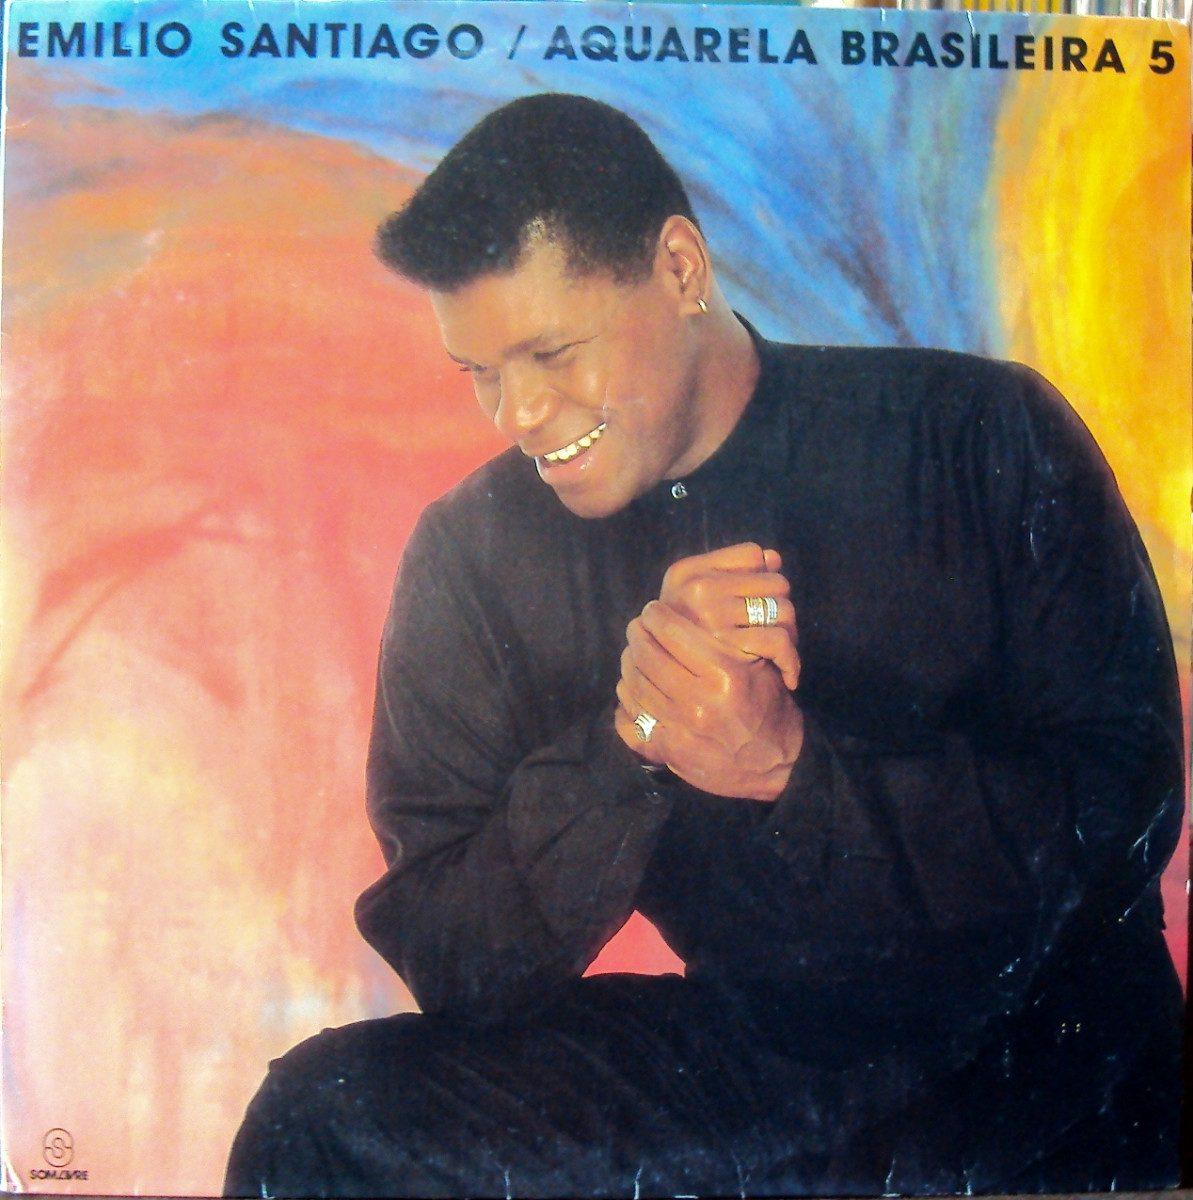 Resultado de imagem para Aquarela brasileira 5 (1992)